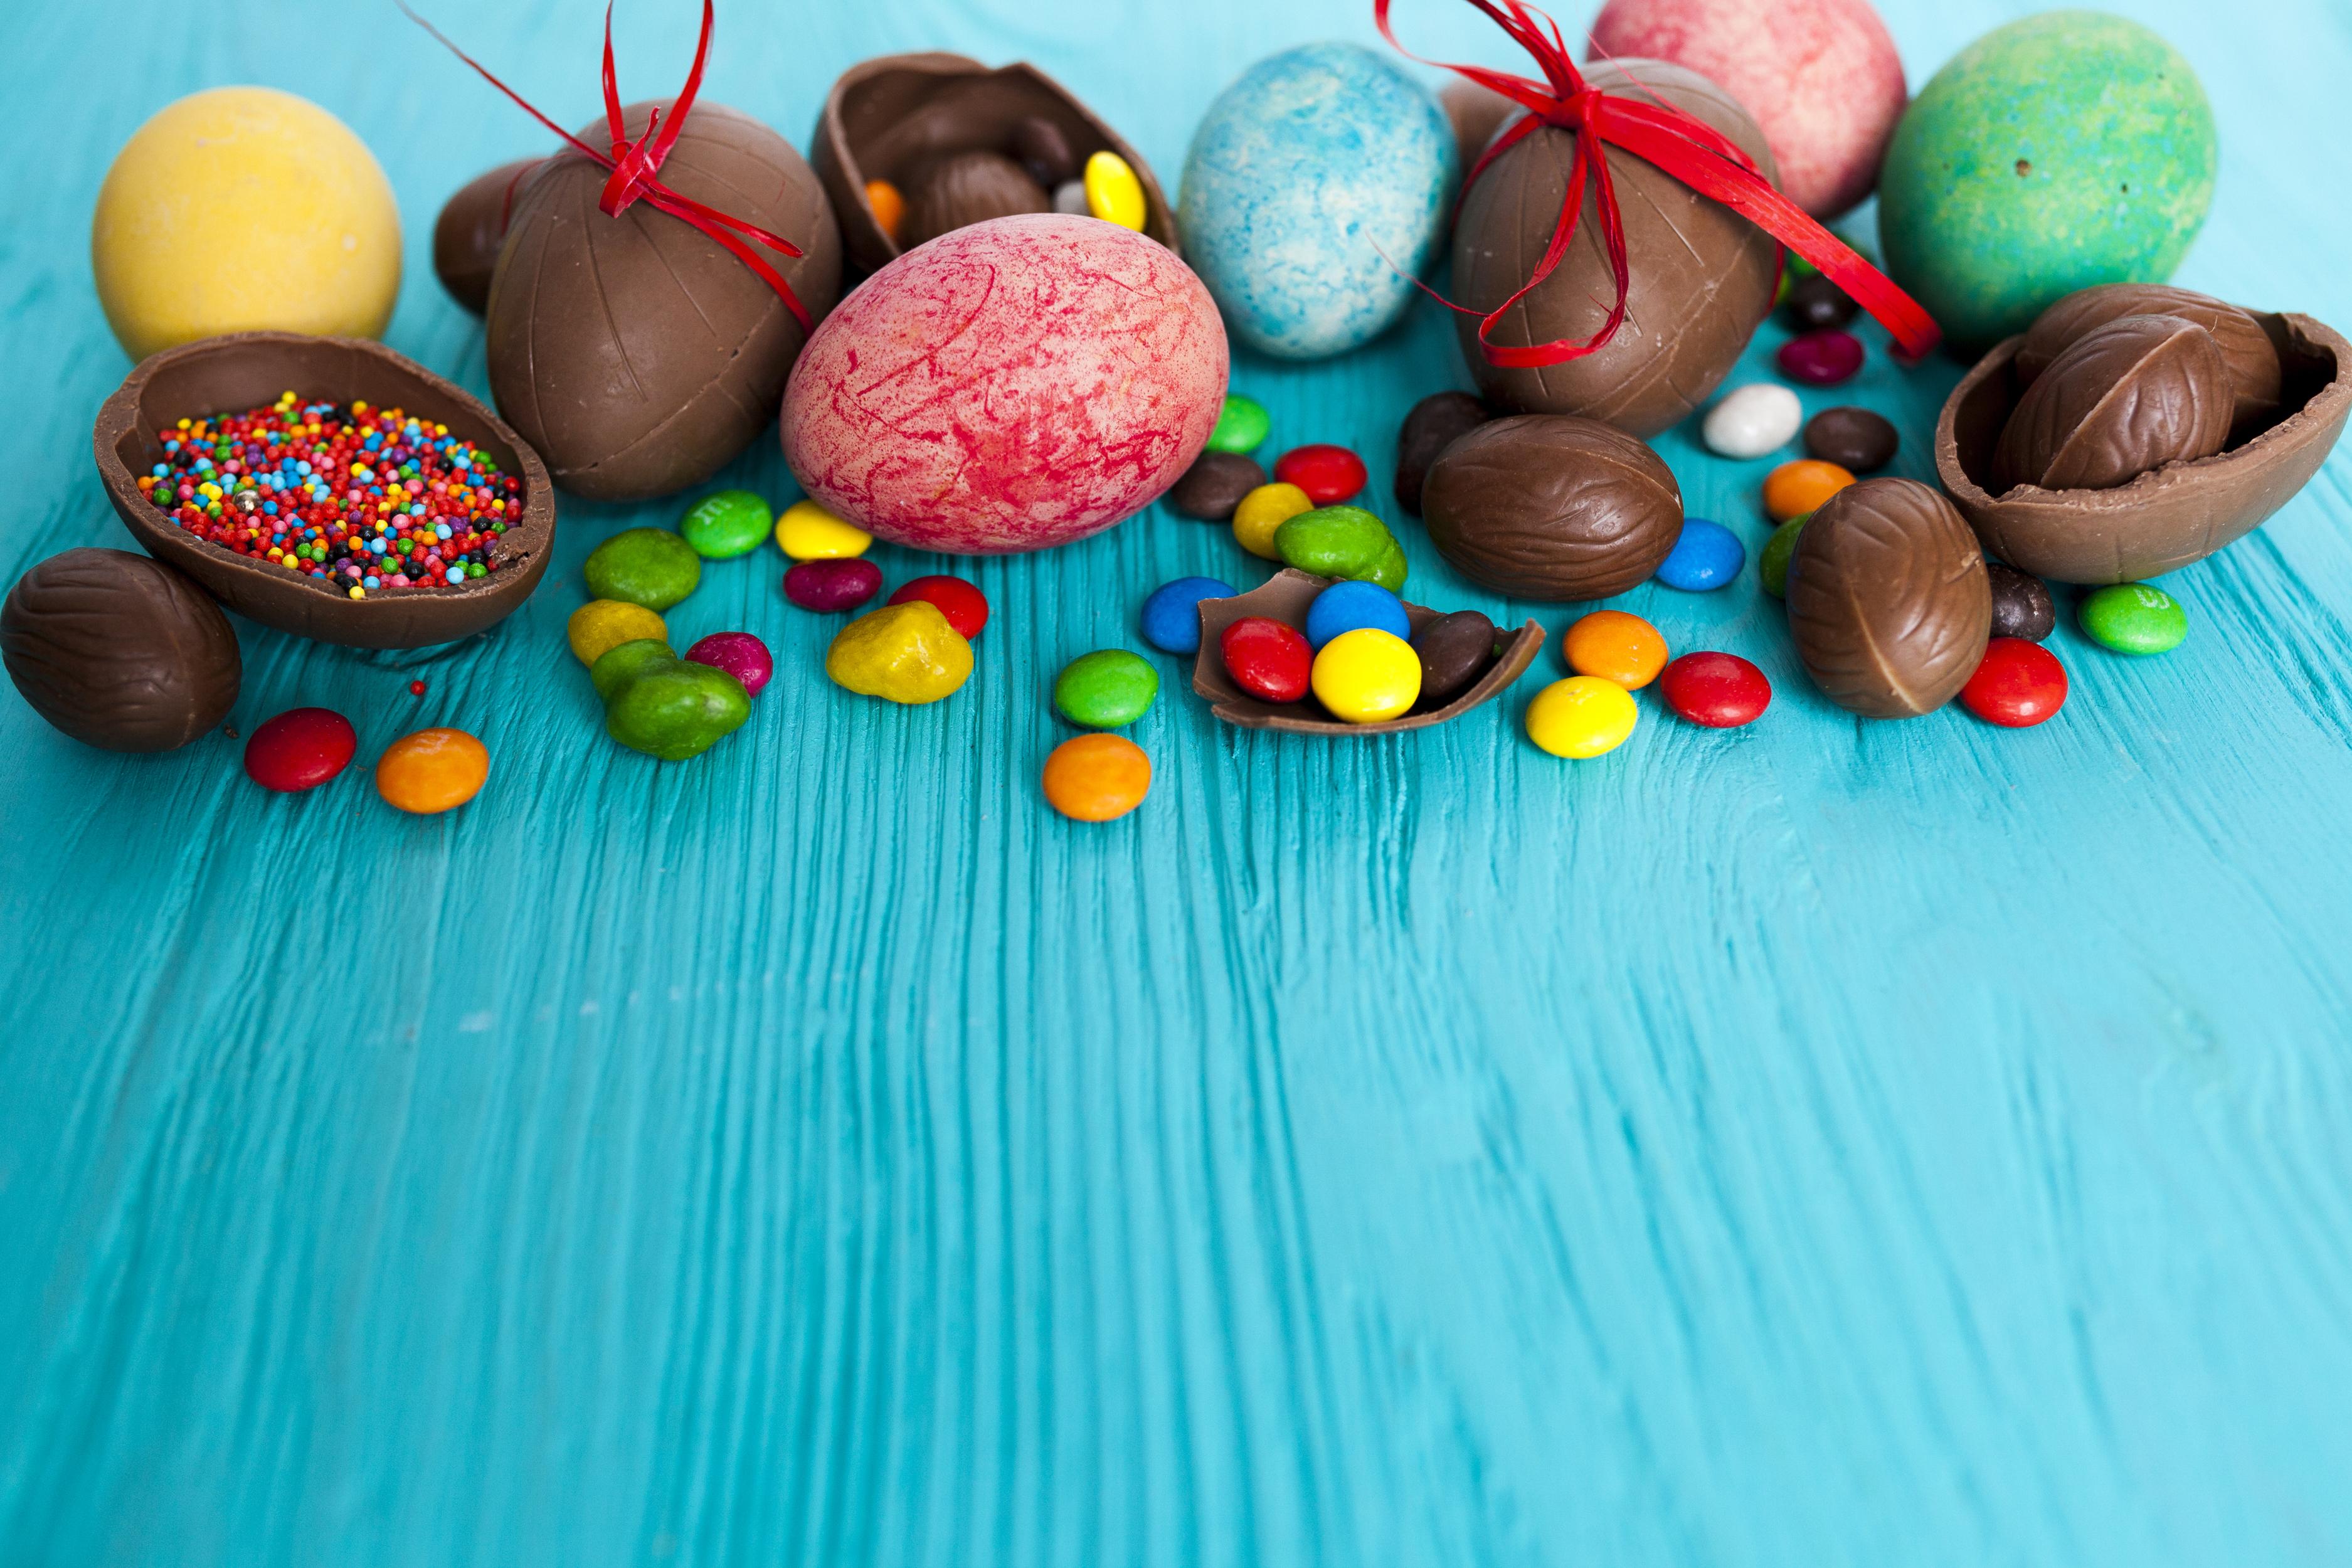 Фото Пасха яйцо Шоколад Конфеты Продукты питания Сладости 3750x2500 яиц Яйца яйцами Еда Пища